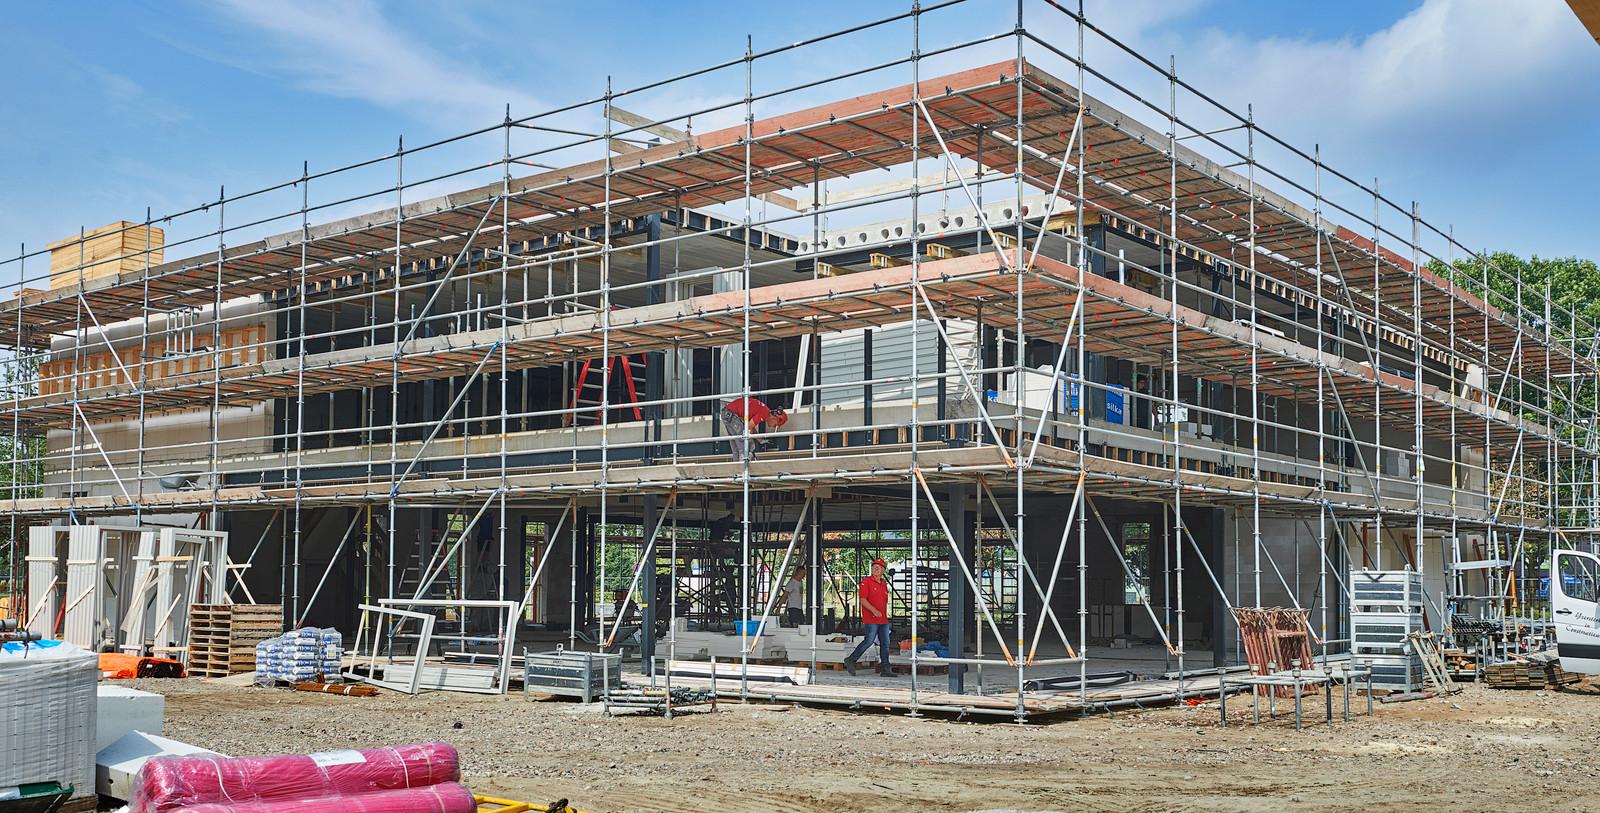 Het nieuwe politiebureau aan de Hockeyweg in Uden is in aanbouw. De nieuwe brandweerkazerne komt ernaast te staan.